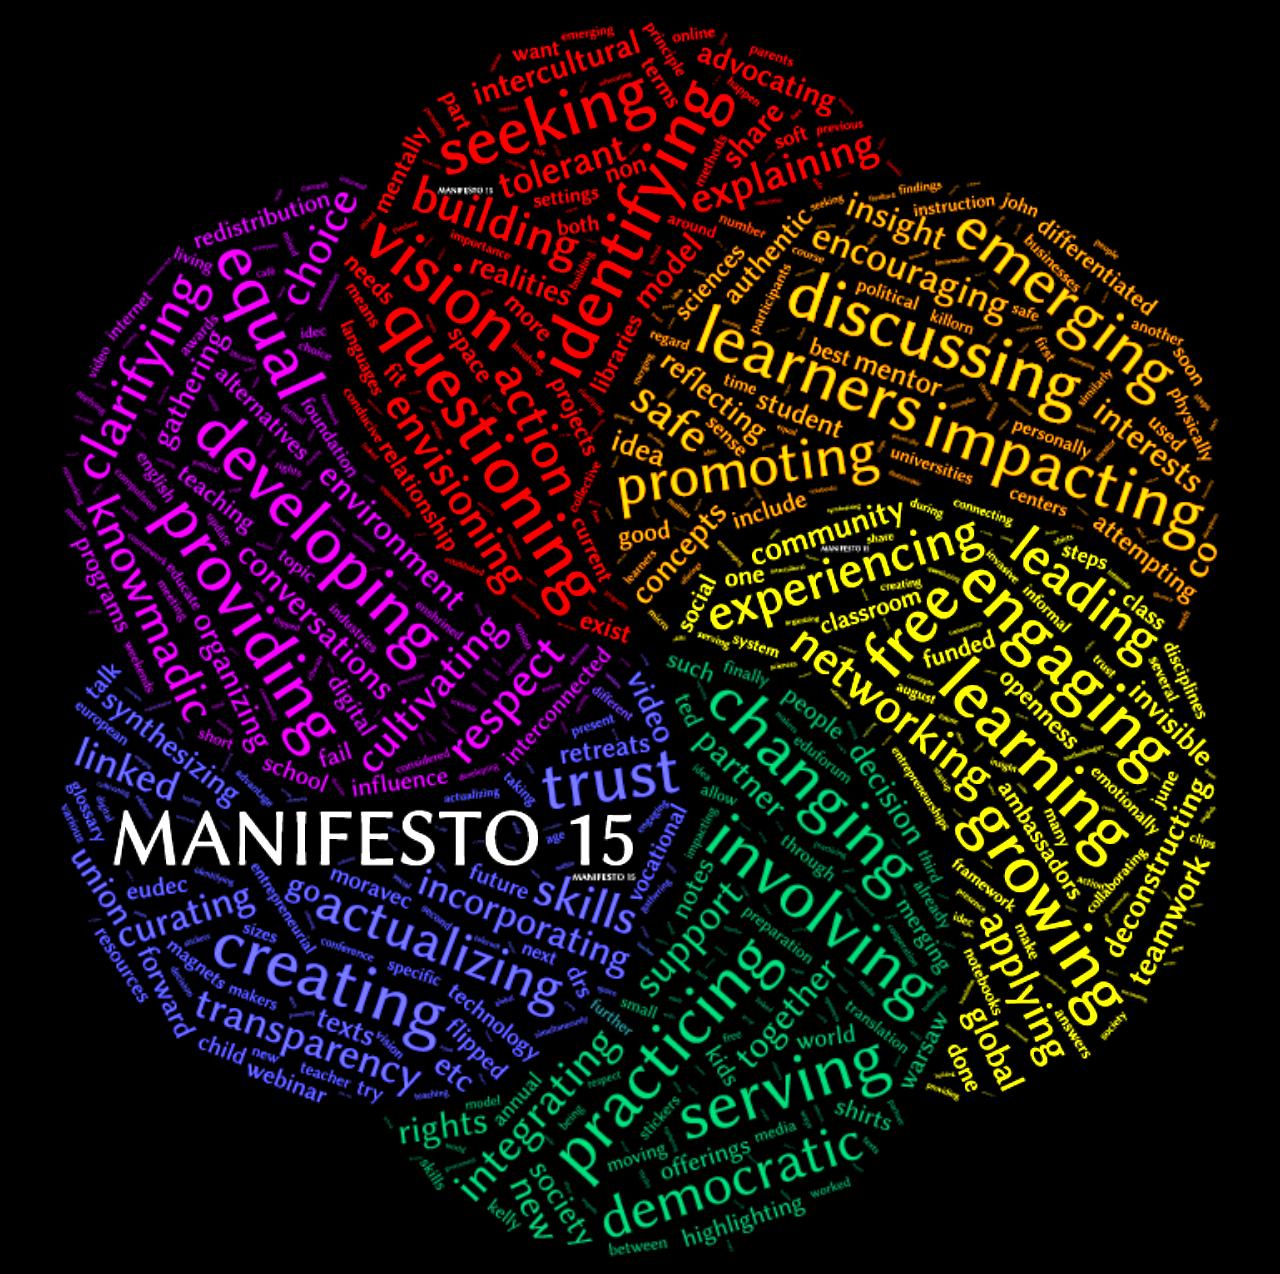 manifesto15-eudec